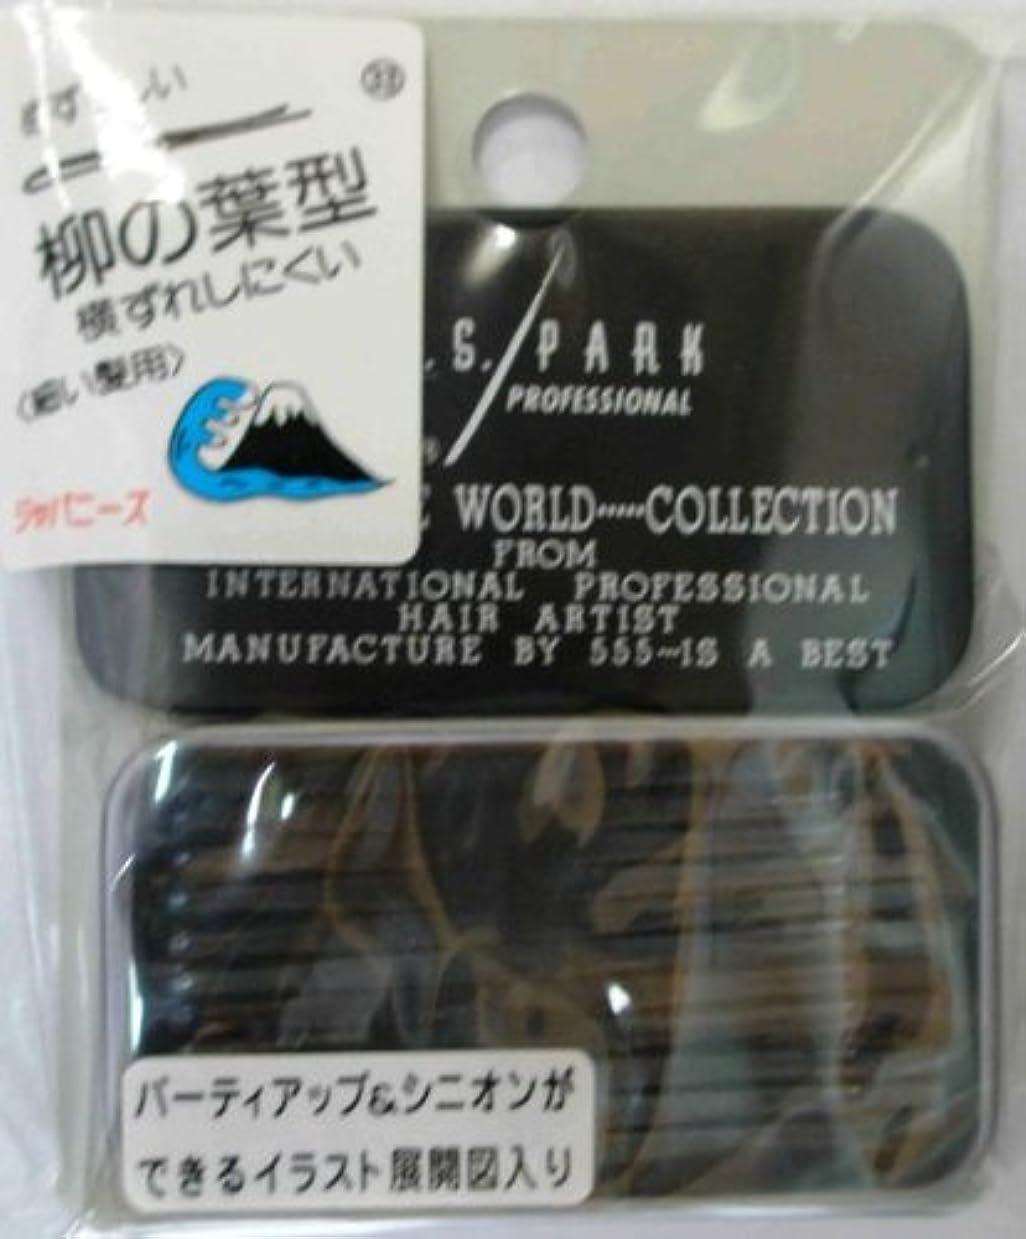 スキル効能乱れY.S.PARK世界のヘアピンコレクションNo.33(細い髪用)ジャパニーズ32P